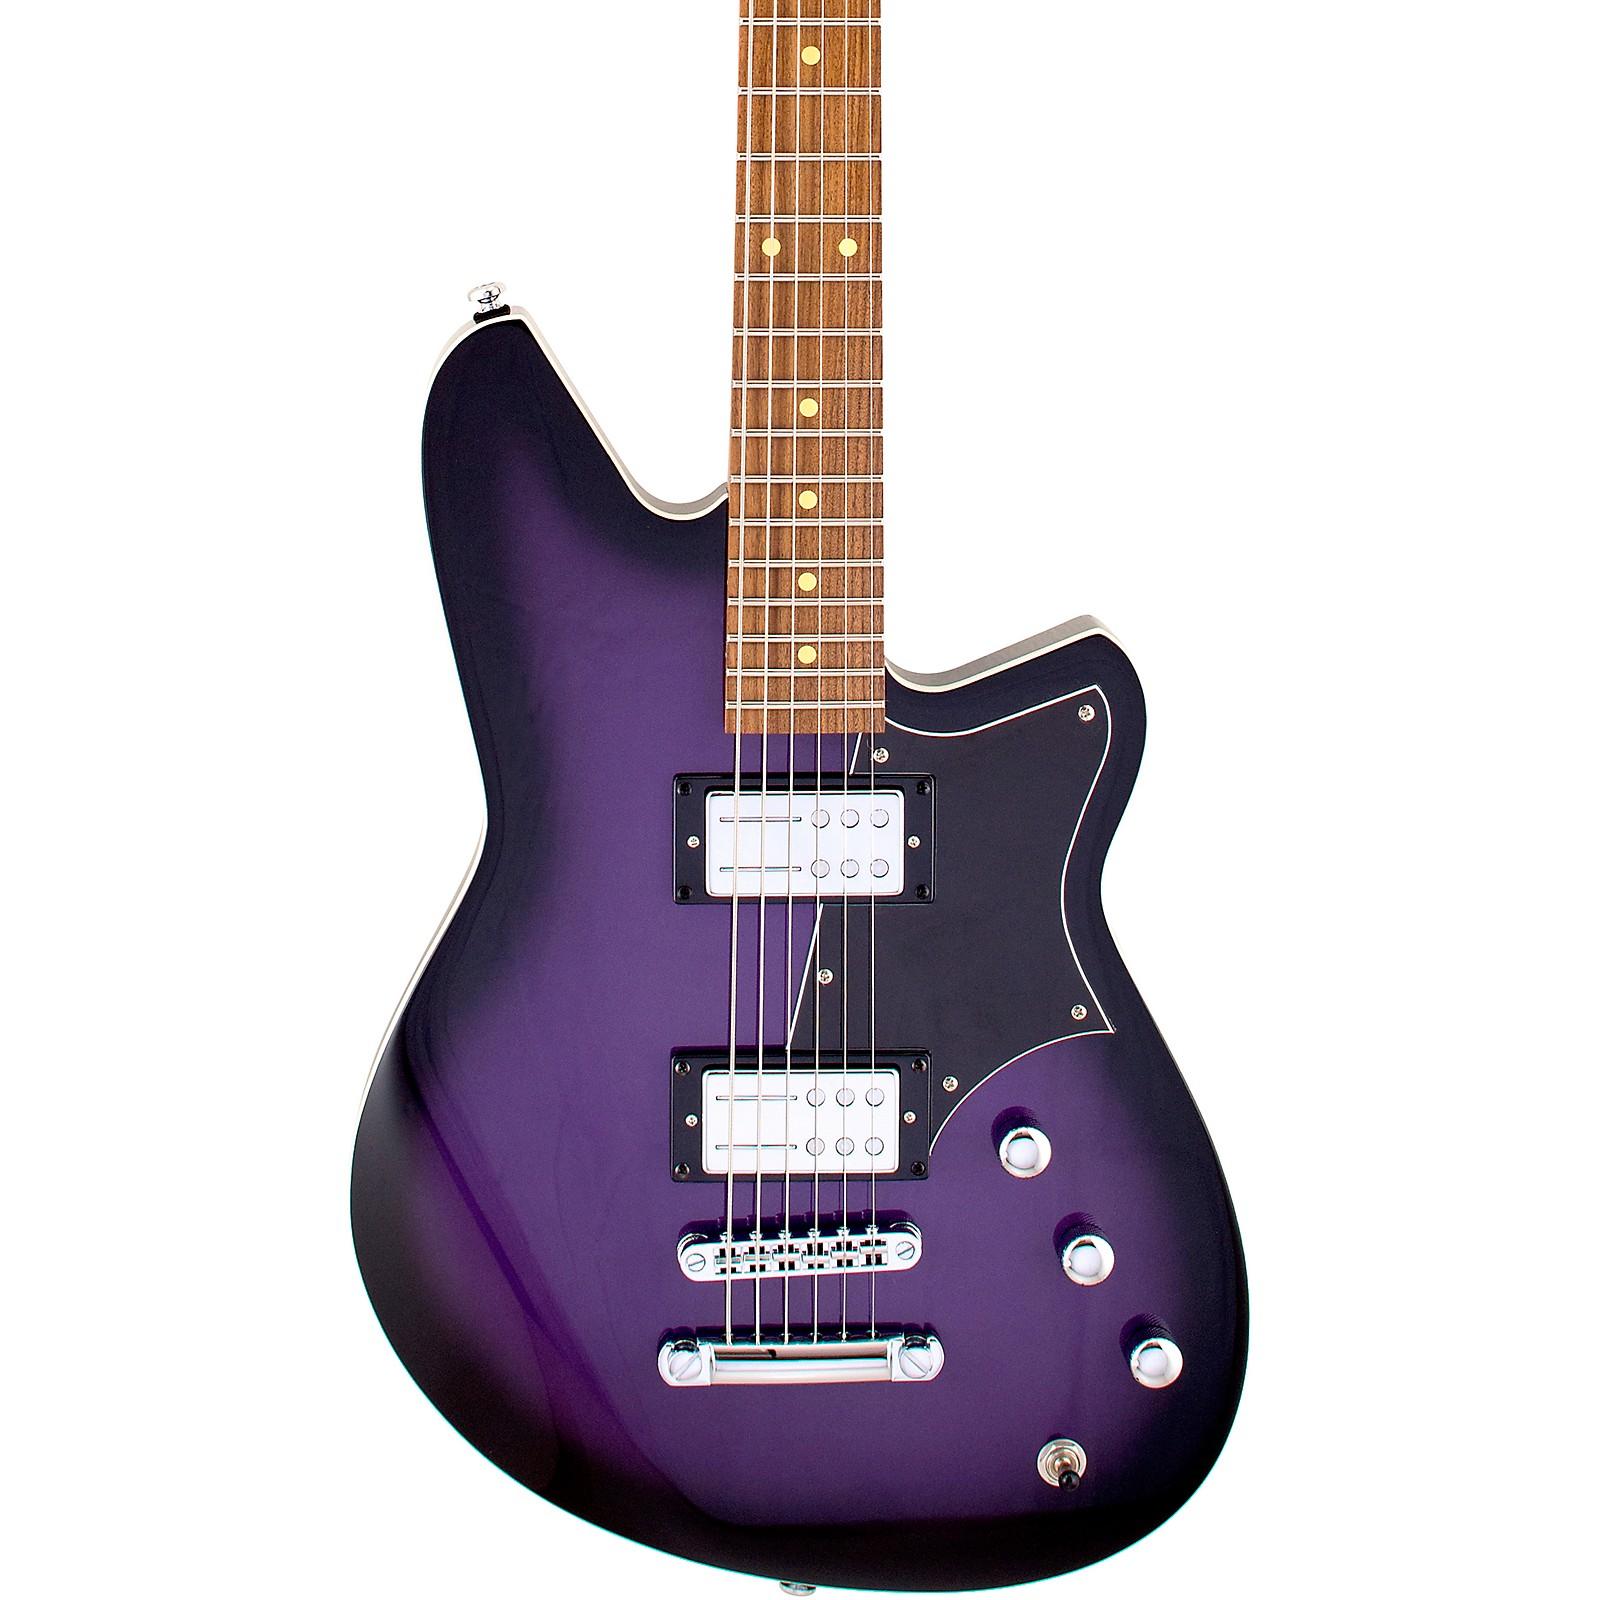 Reverend Descent Roasted Pau Ferro Fingerboard Baritone Electric Guitar